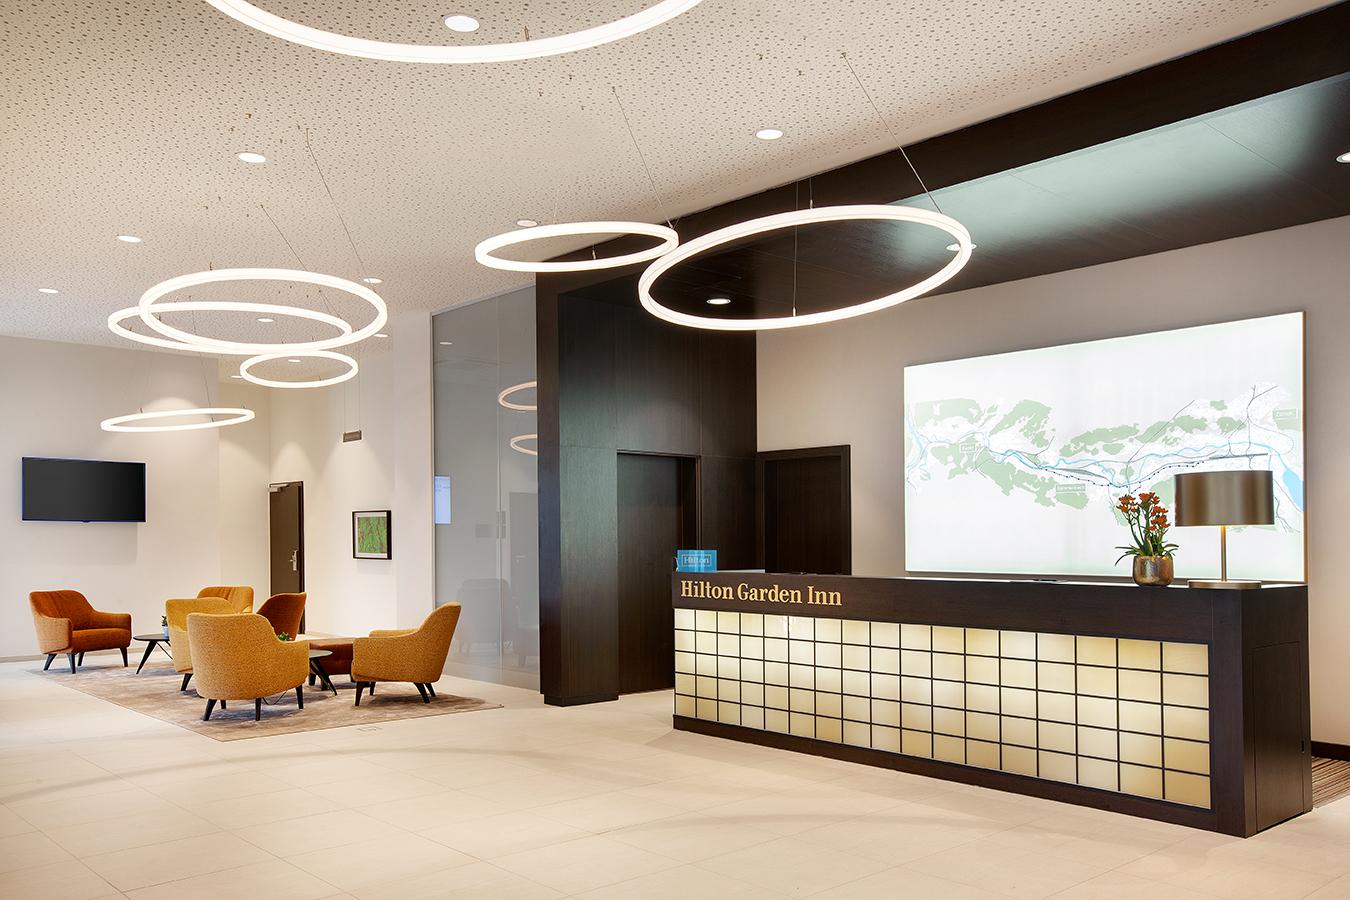 Ringleuchte TheO im Foyer des Hilton Garden Inn Zürich